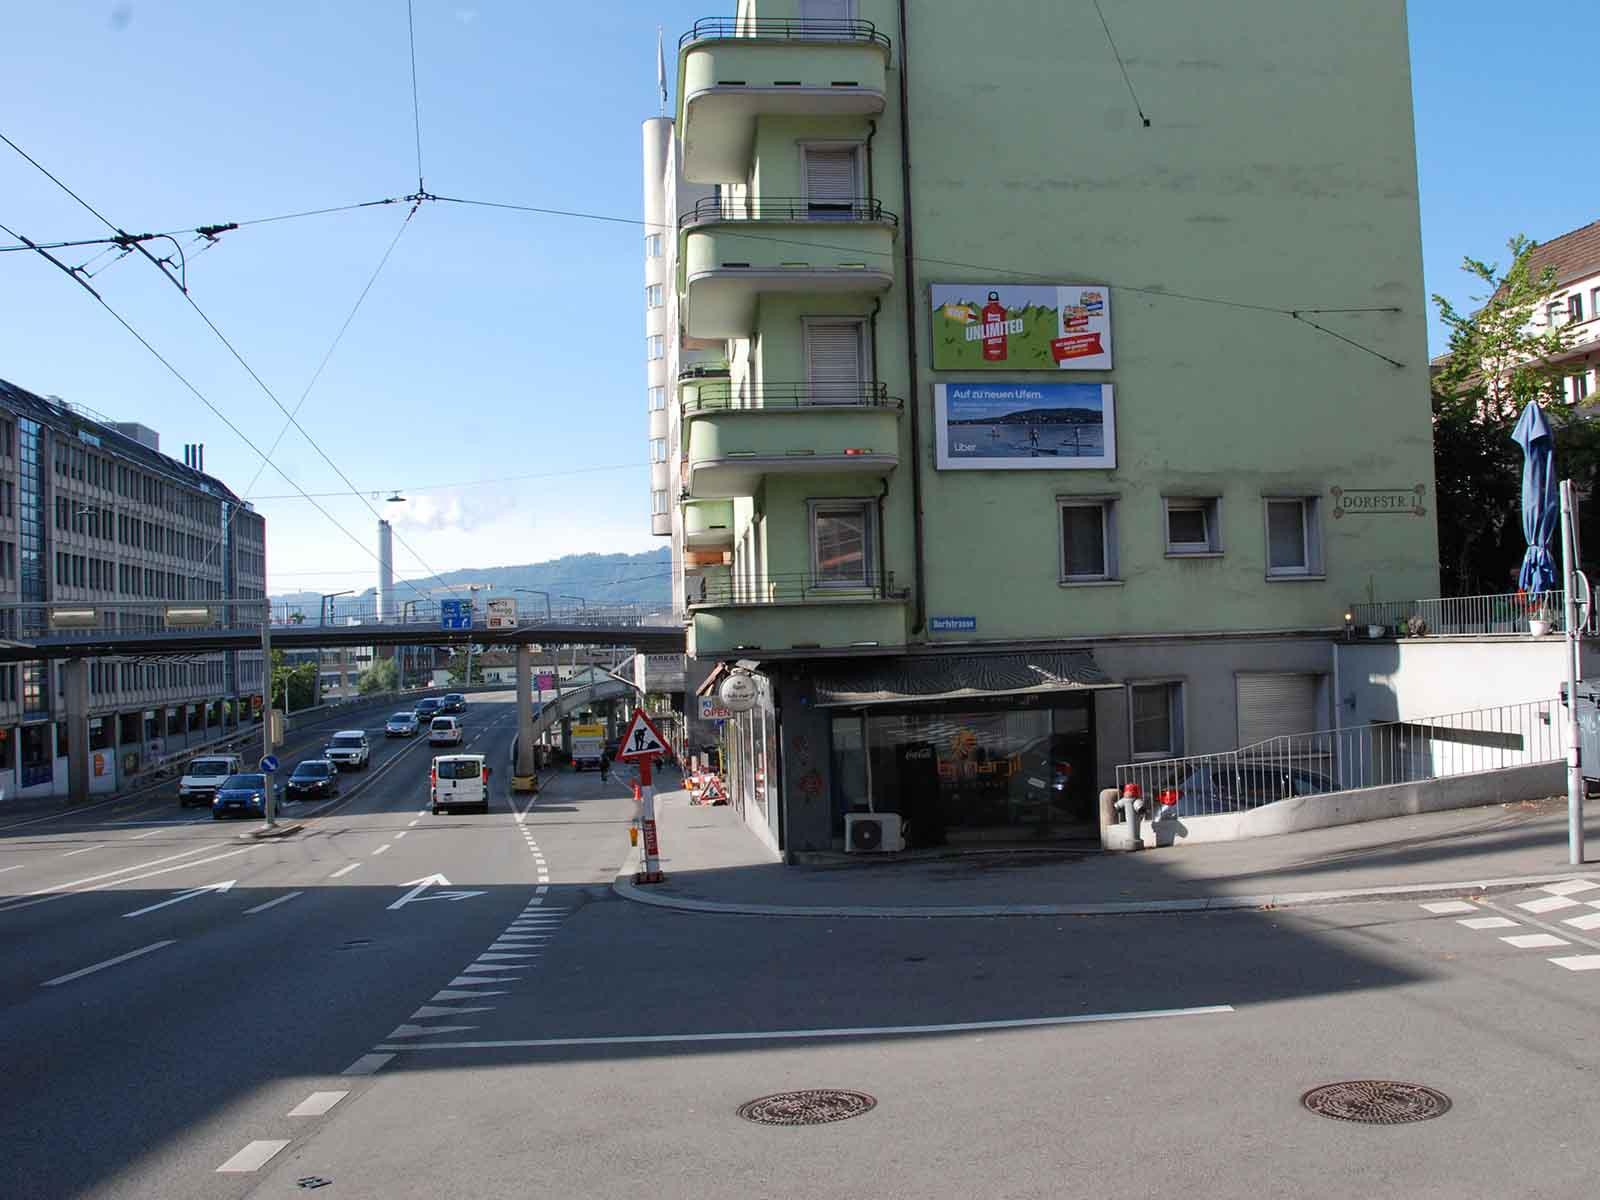 Attraktive Ladengeschäfte auch an Orten, wo man es nicht erwartet: «z'Wipkinge findsch es!», auch an der Rosengartenstrasse.